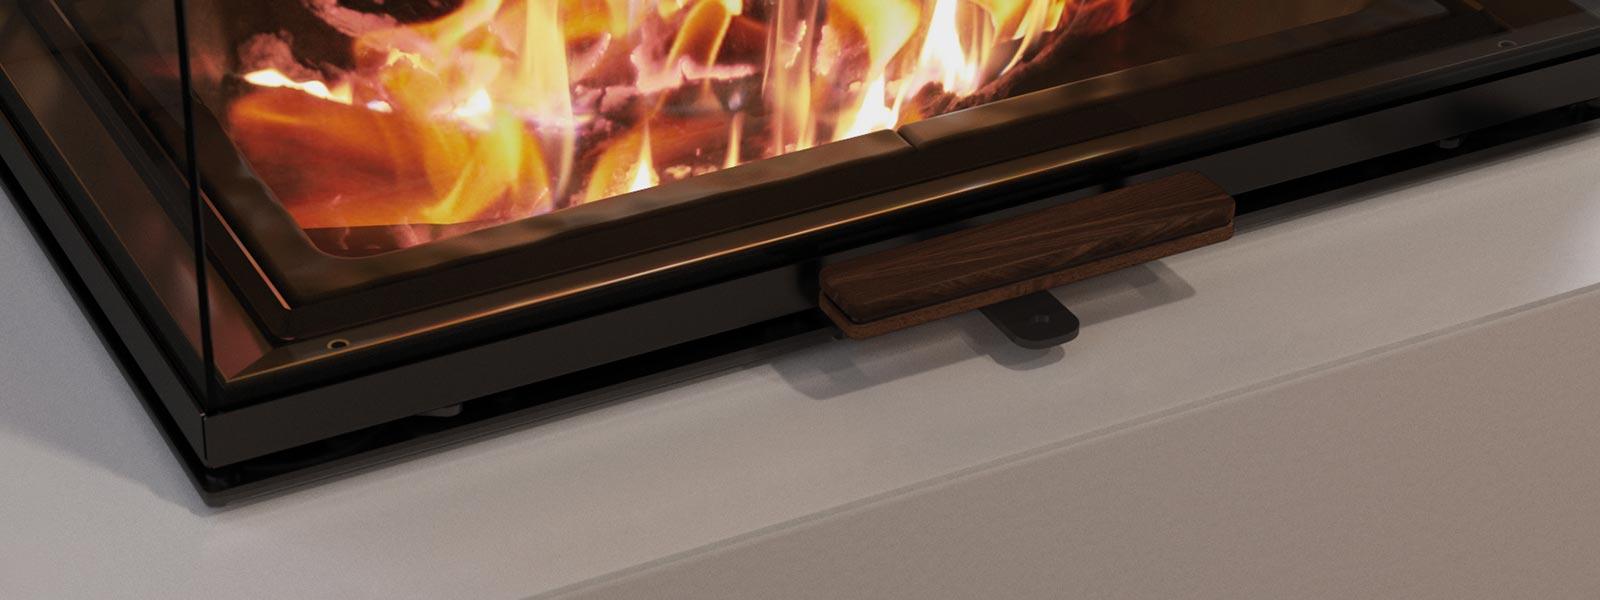 caminetti visio 1 un nuovo e bellissimo centro della vita. Black Bedroom Furniture Sets. Home Design Ideas